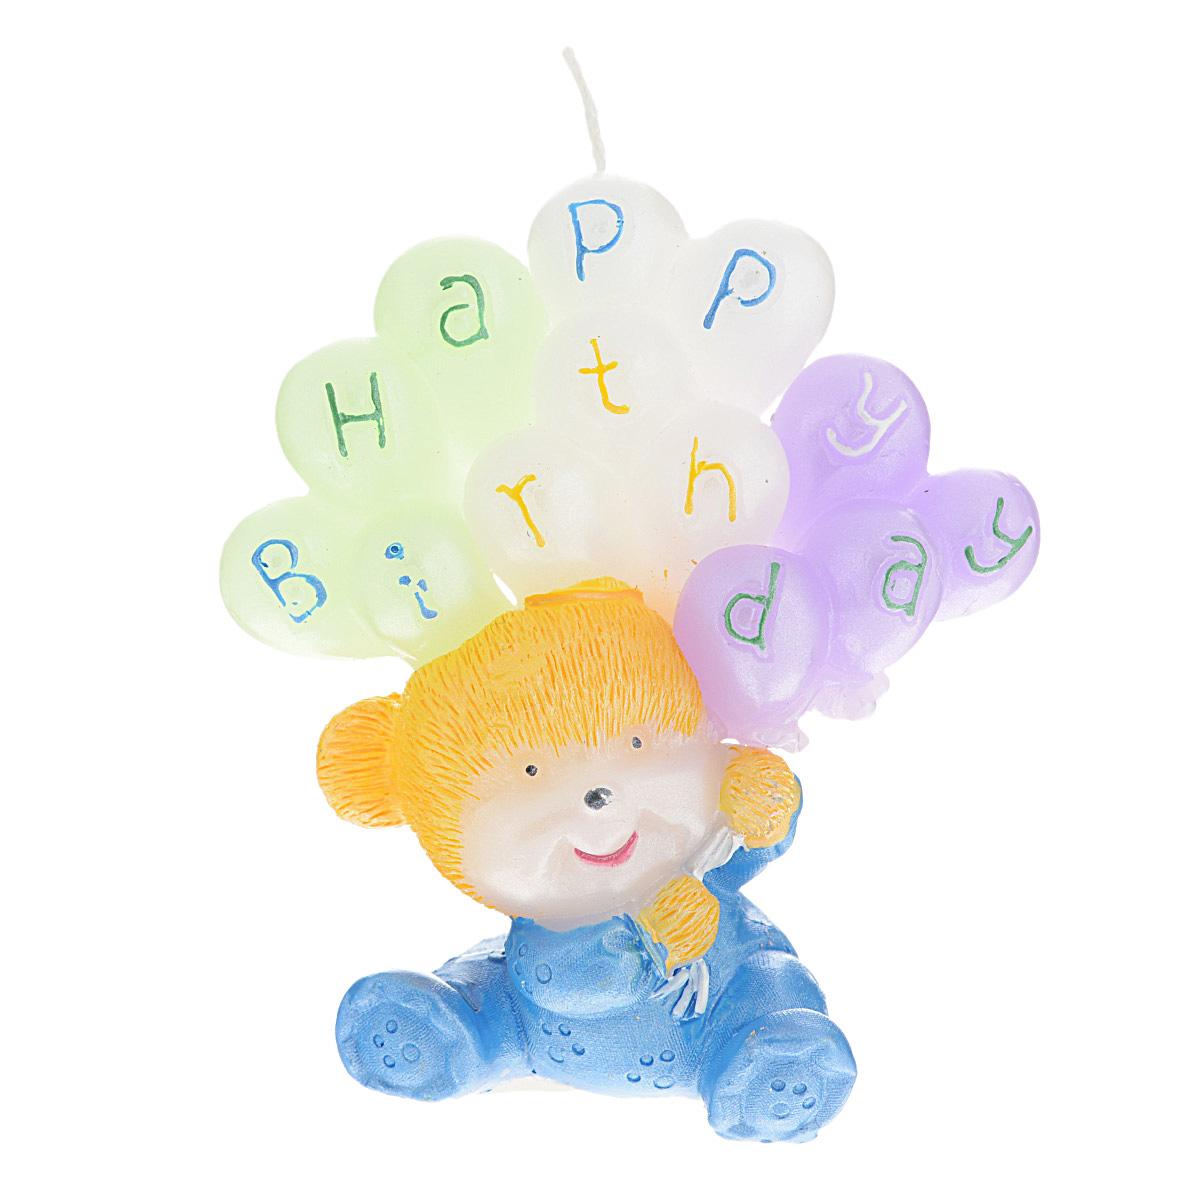 Свеча декоративная Win Max С днем рождения, цвет: голубой, 6 см х 6 см х 8 см. 94459 home religion свеча декоративная 50 см цилиндрическая 26003800